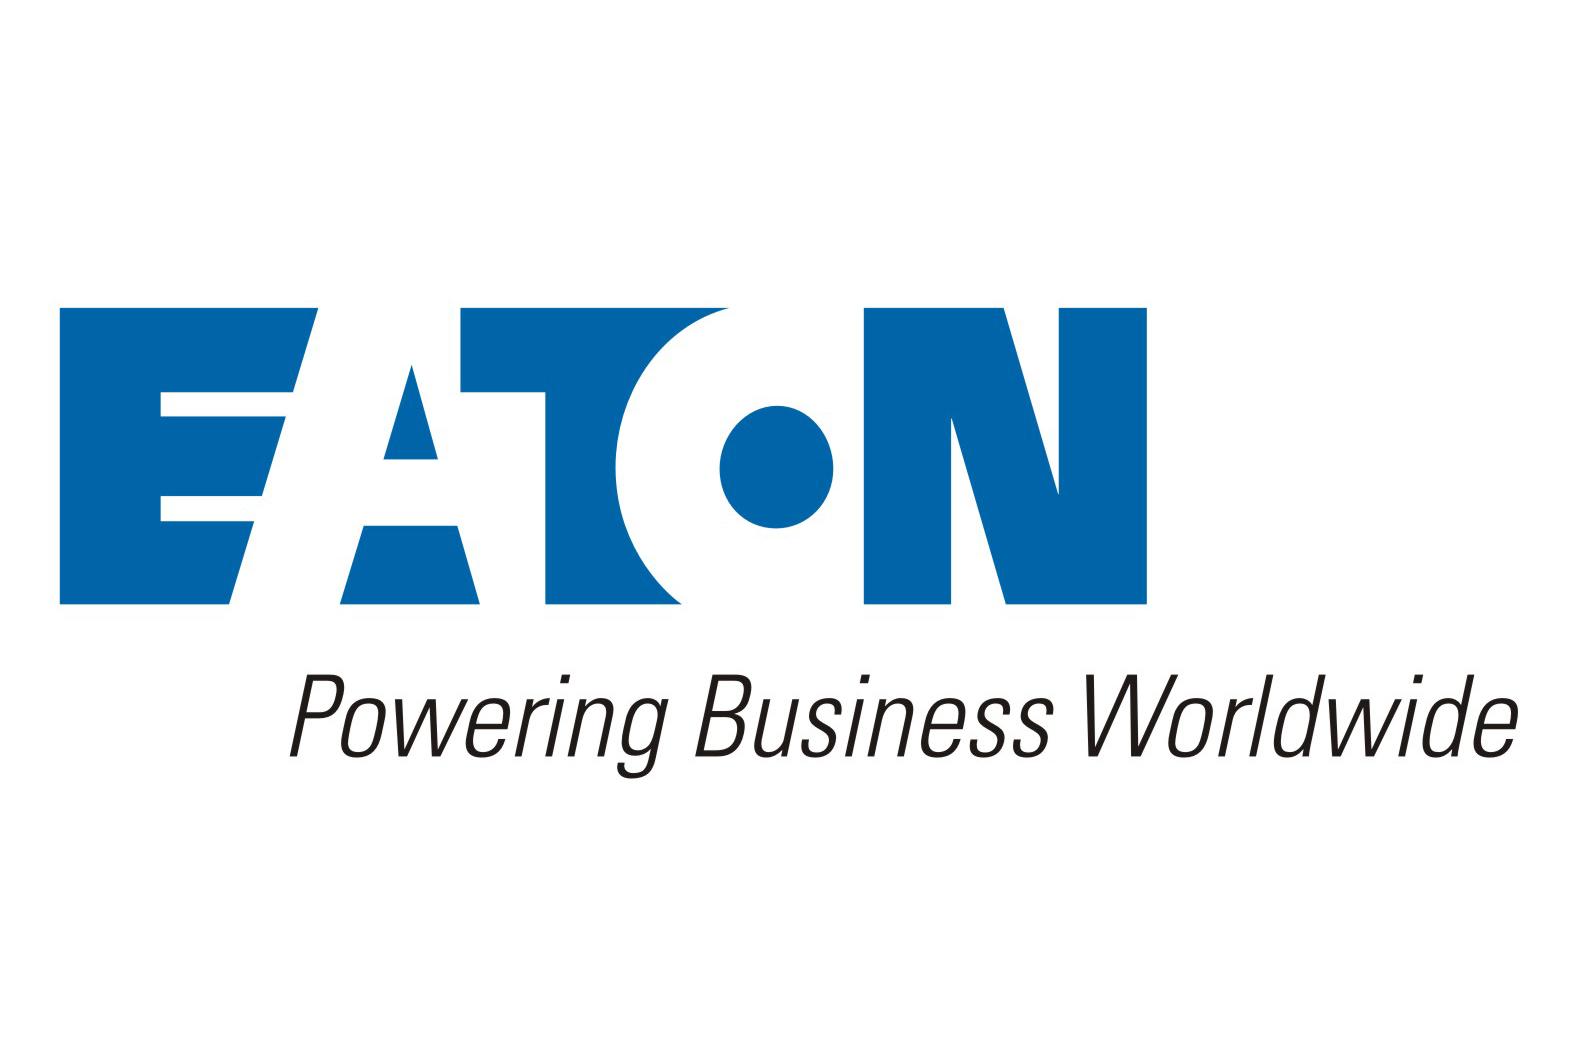 伊顿企业-正能量